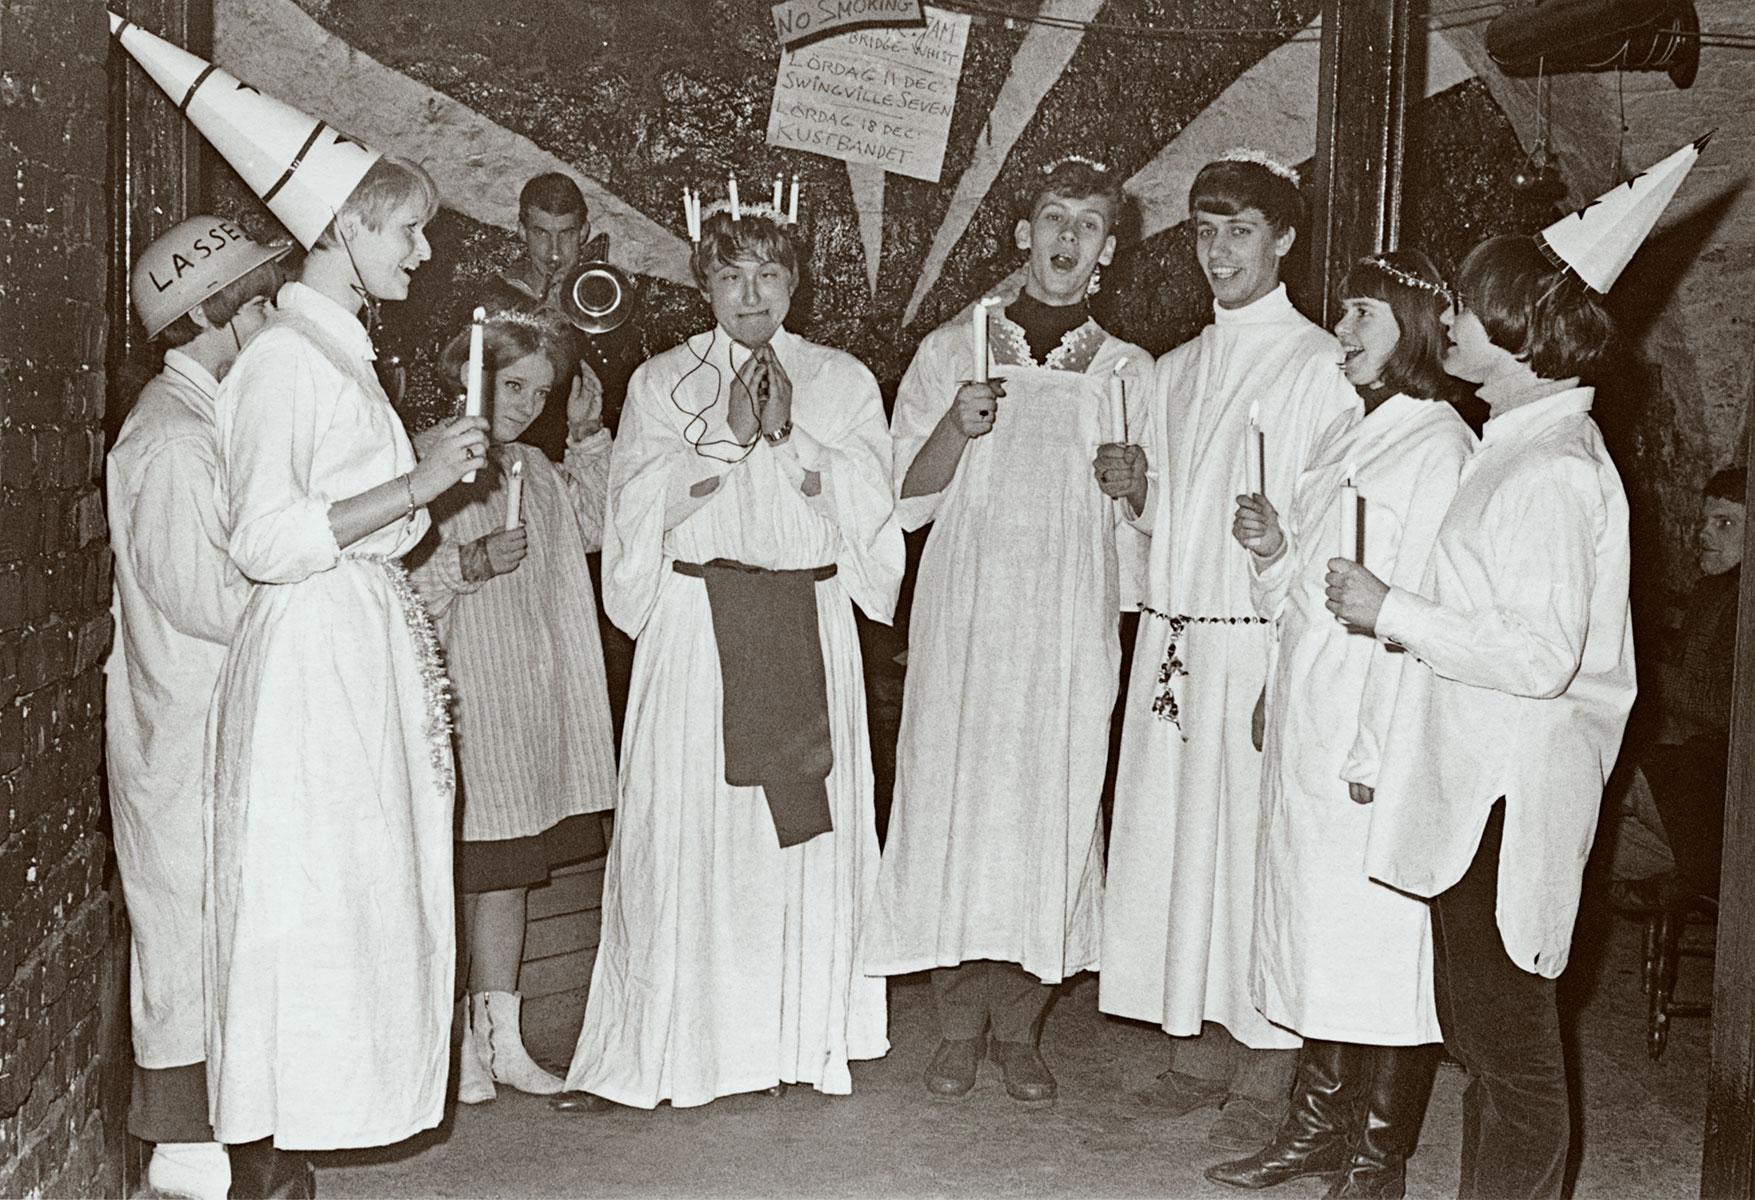 Luciafirande på Gazell Club cirka 1962–63. Trombonisten som syns i bakgrunden är troligtvis Henrik Hultberg eller Lars Hübinger. Fotograf: Okänd/Svenskt visarkiv